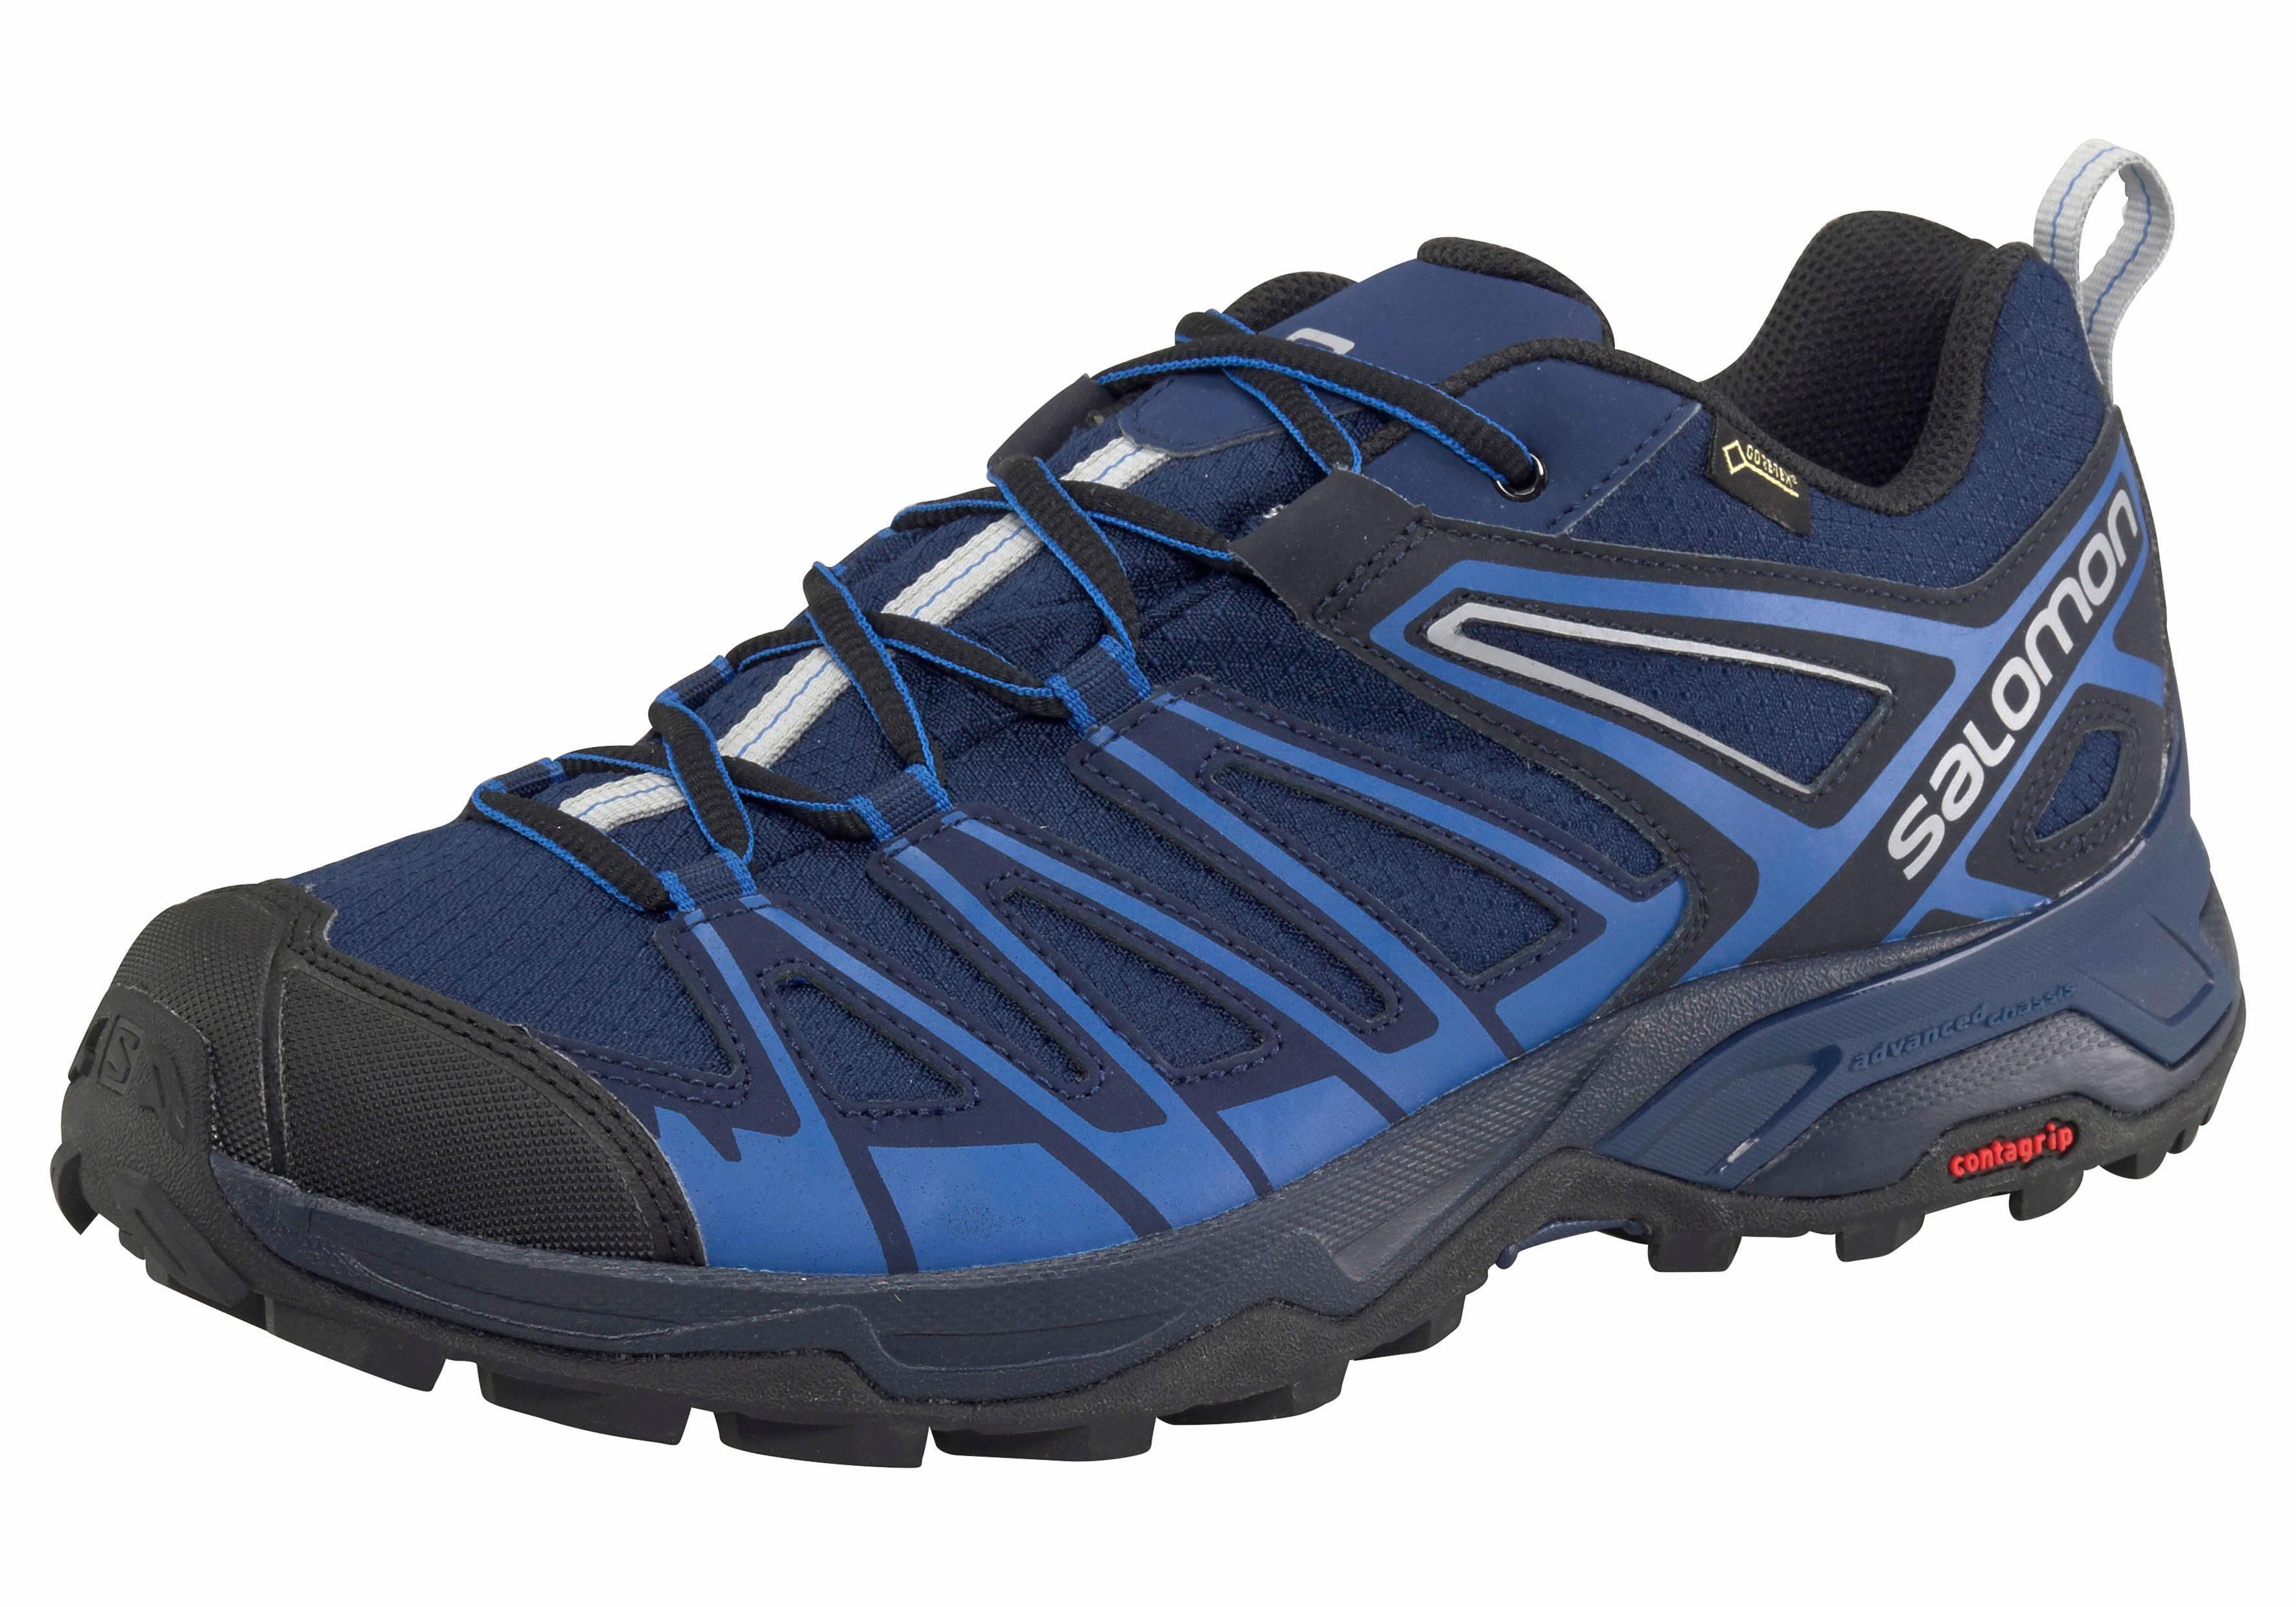 Chaussure Salomon Ultra X 3 Mid Gore-tex, Un Pour Les Hommes - Noir